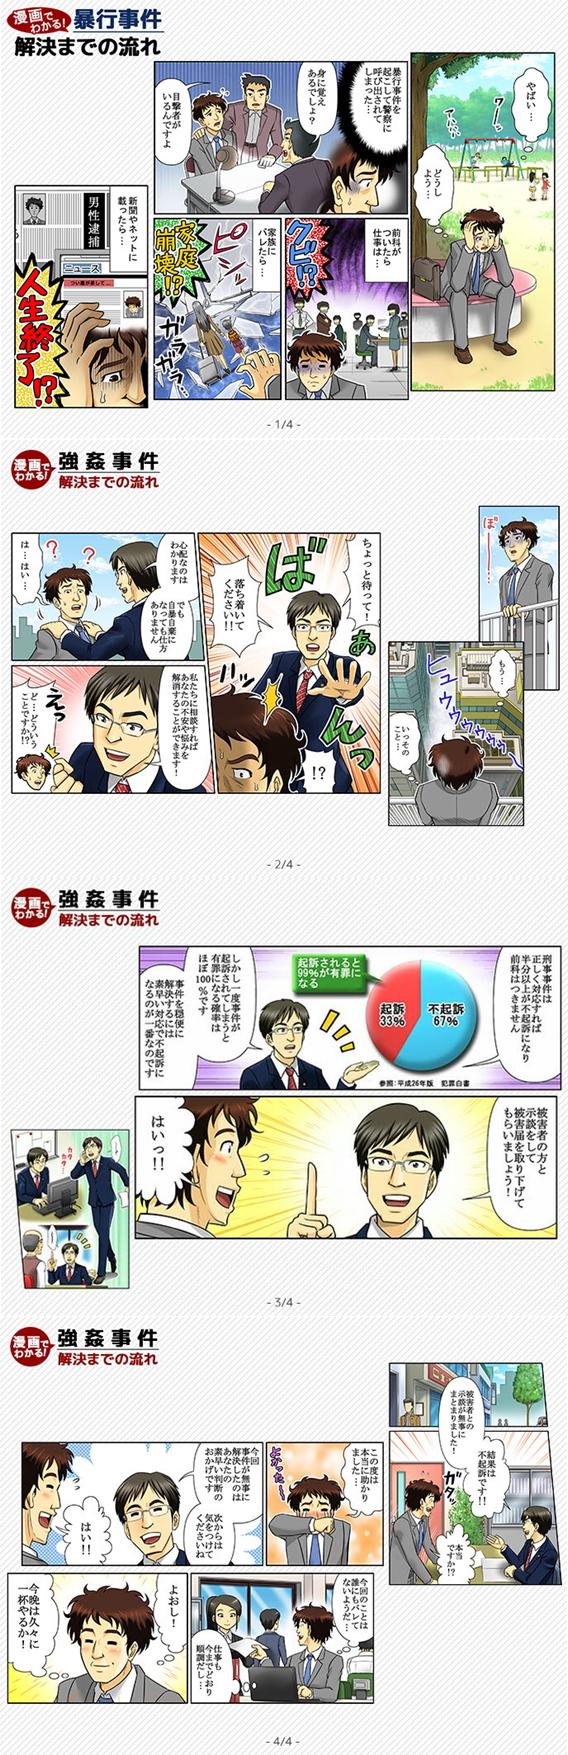 日本の刑罰は軽い